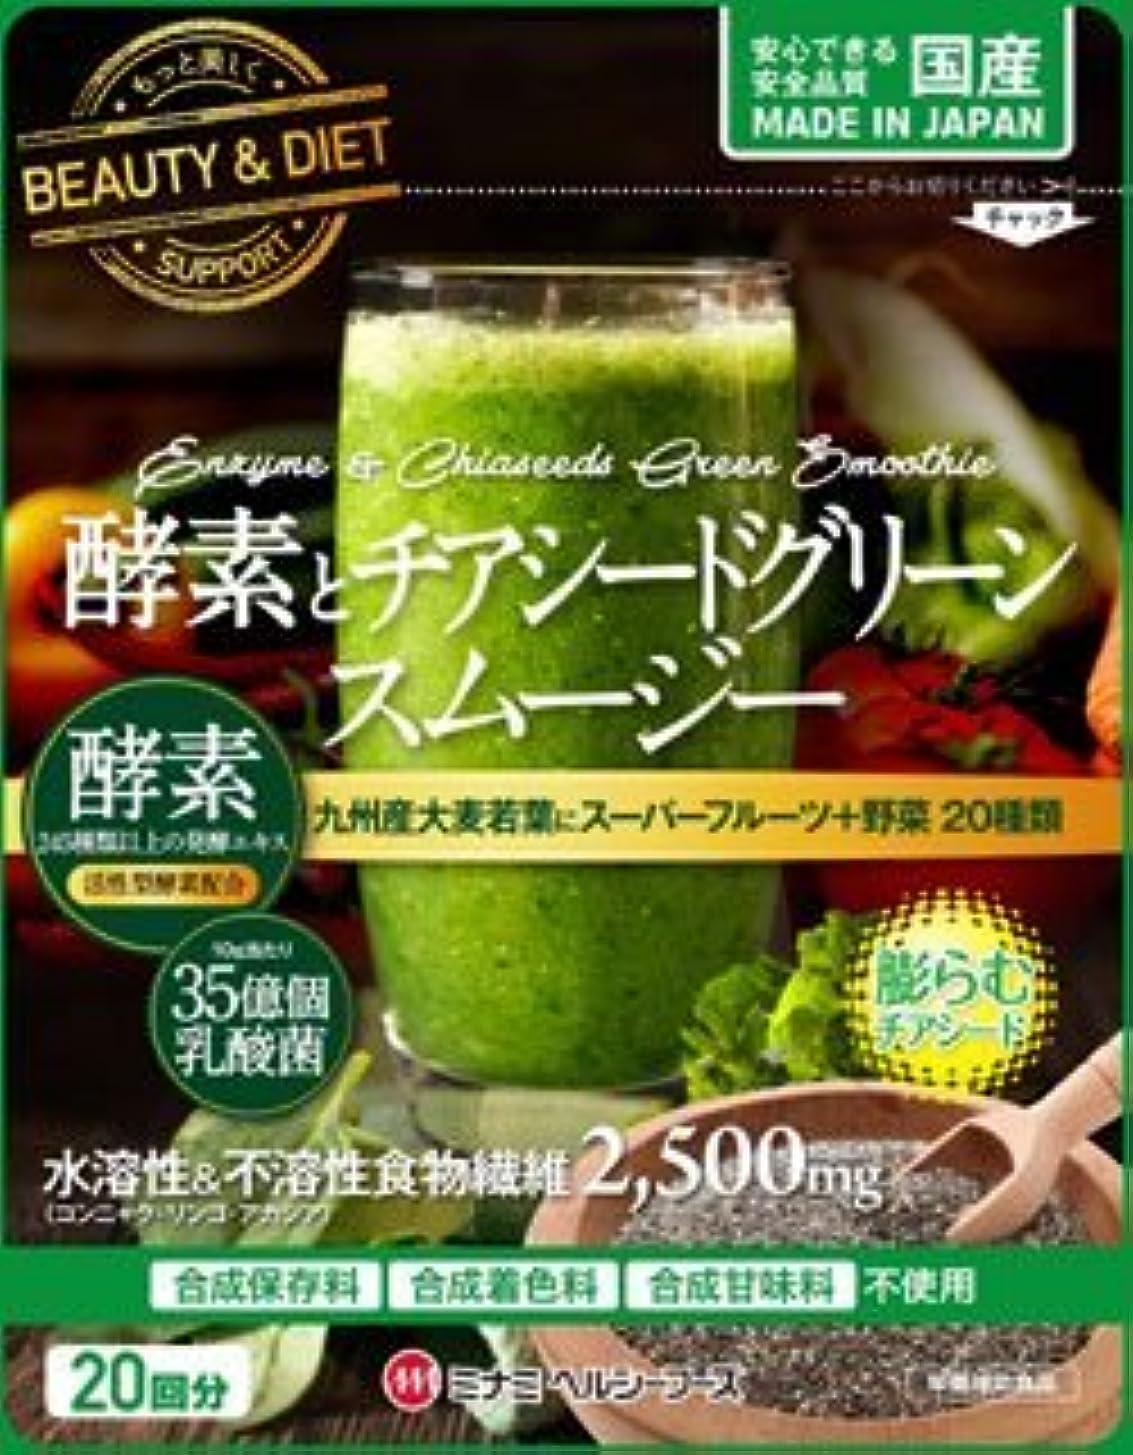 豆ポータル曖昧な酵素とチアシードグリーンスム-ジー200g ×9